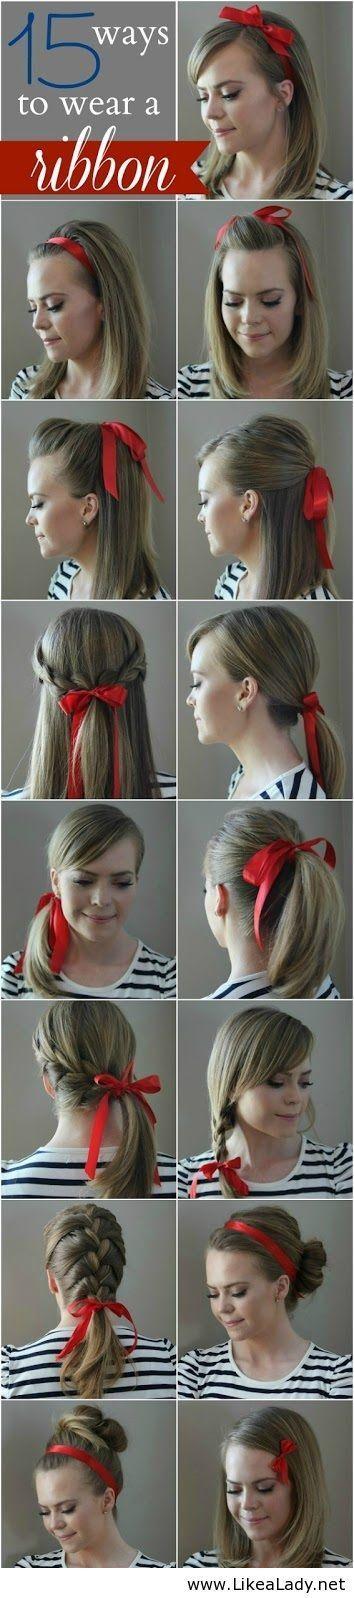 Nouveau tutoriel, Tuto coiffure avec ruban cheveux se coiffer avec un simple ruban de façon original sur cheveux courts, longs, mi longs, en chignon.